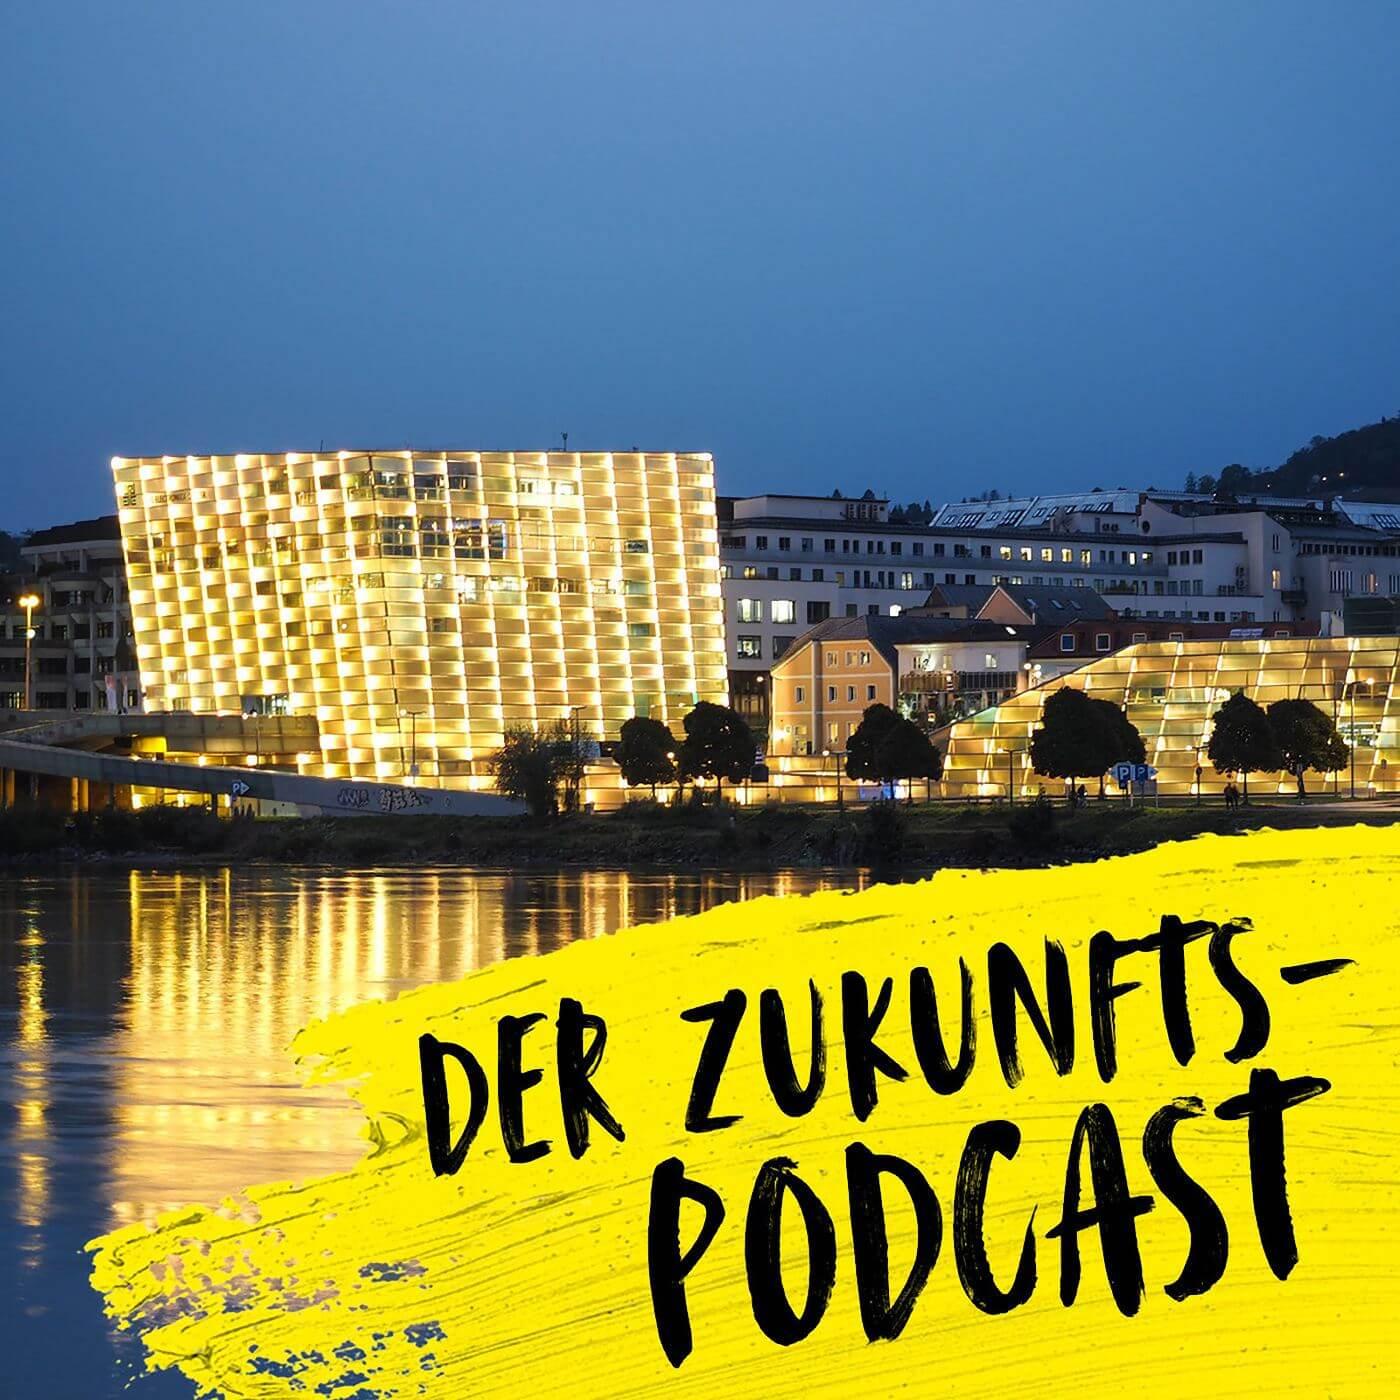 Der Zukunftspodcast von Life Radio und Ars Electronica